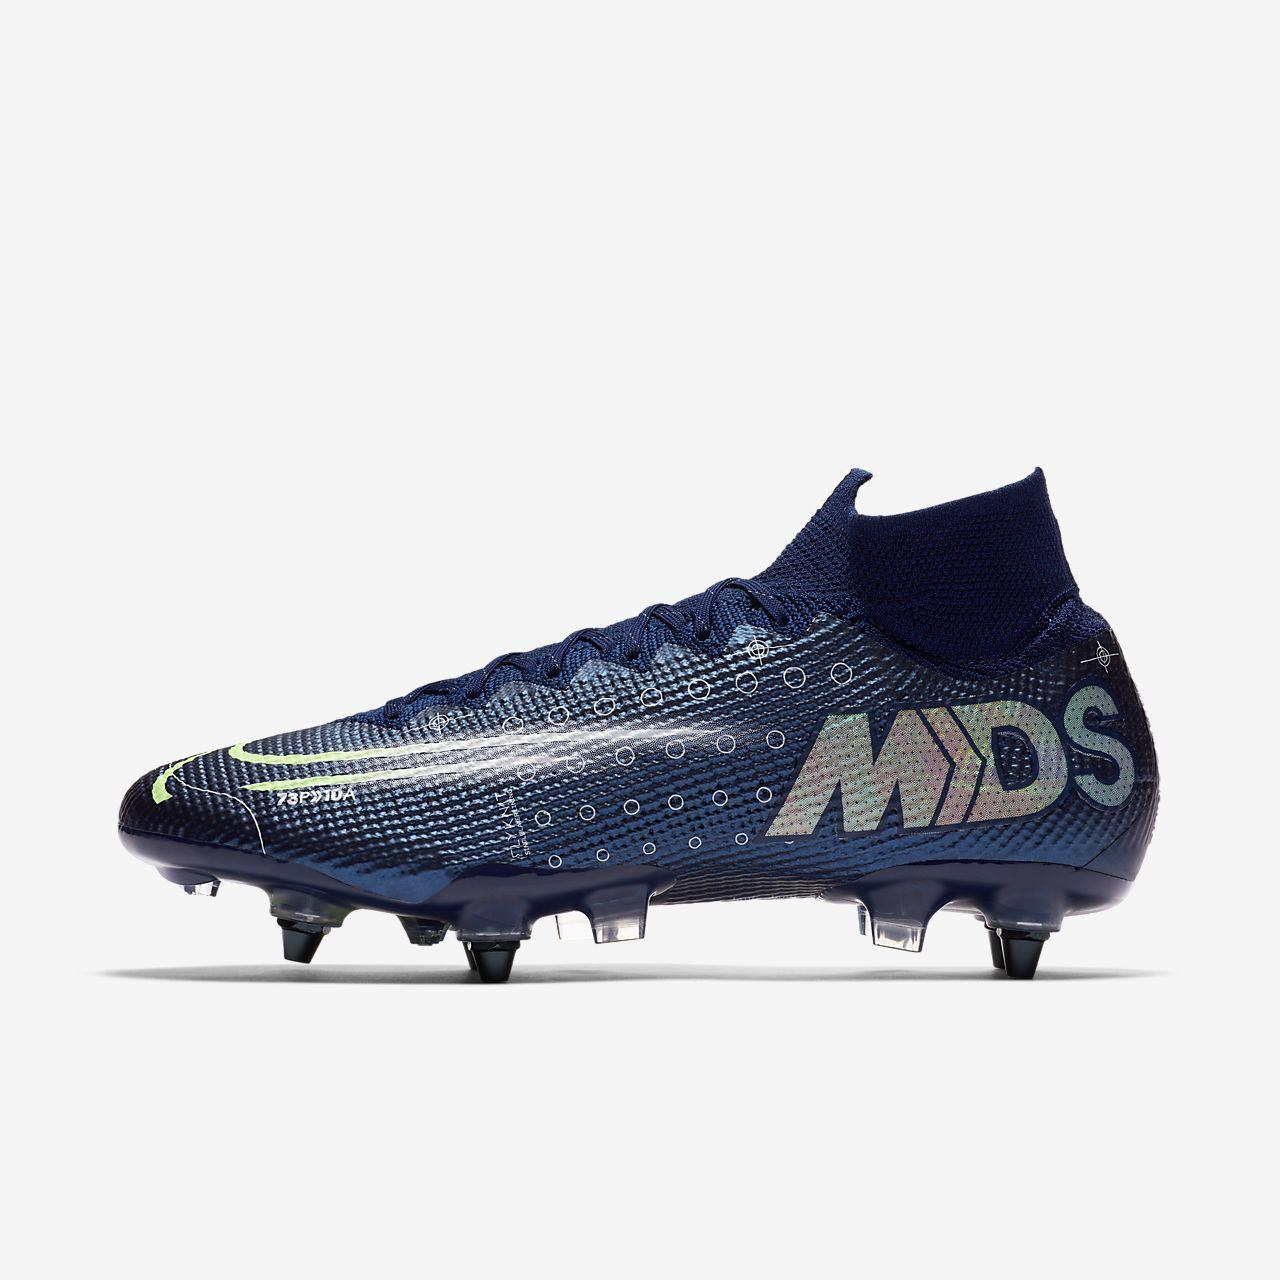 Nike Mercurial Superfly 7 Elite MDS SG-PRO Anti-Clog Traction lágy talajra készült futballcipő